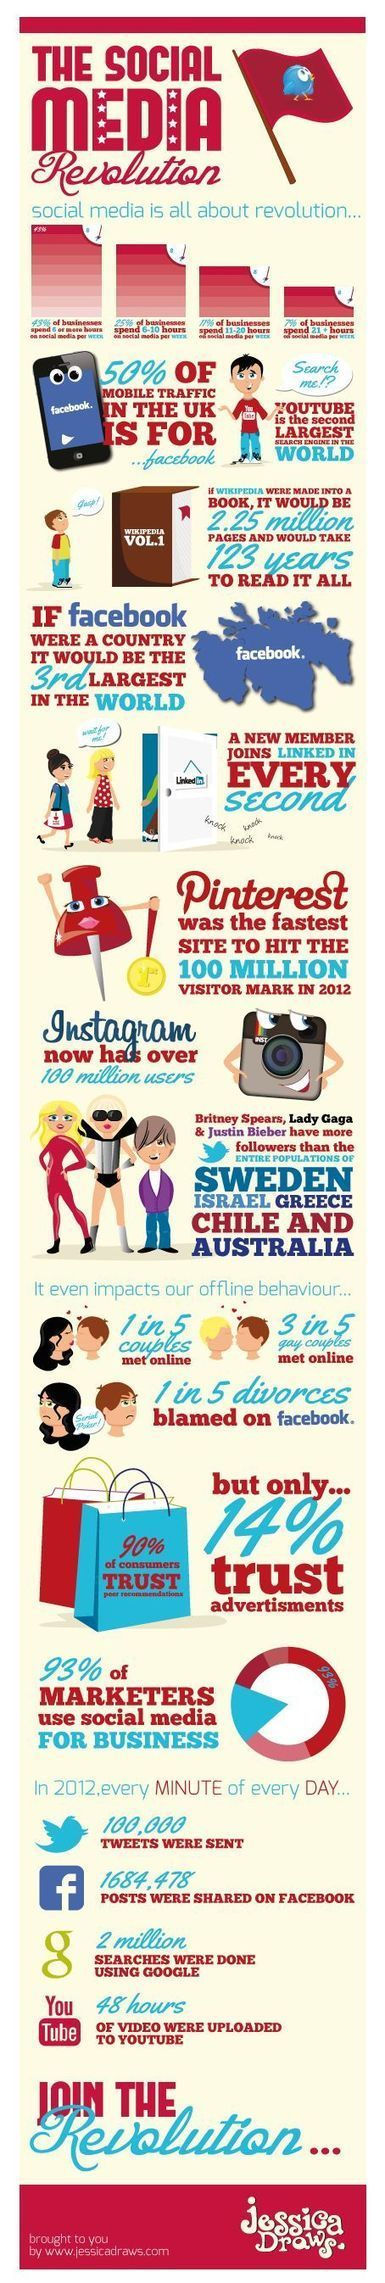 Social Media Marketing? È il futuro? #infografica molto bella